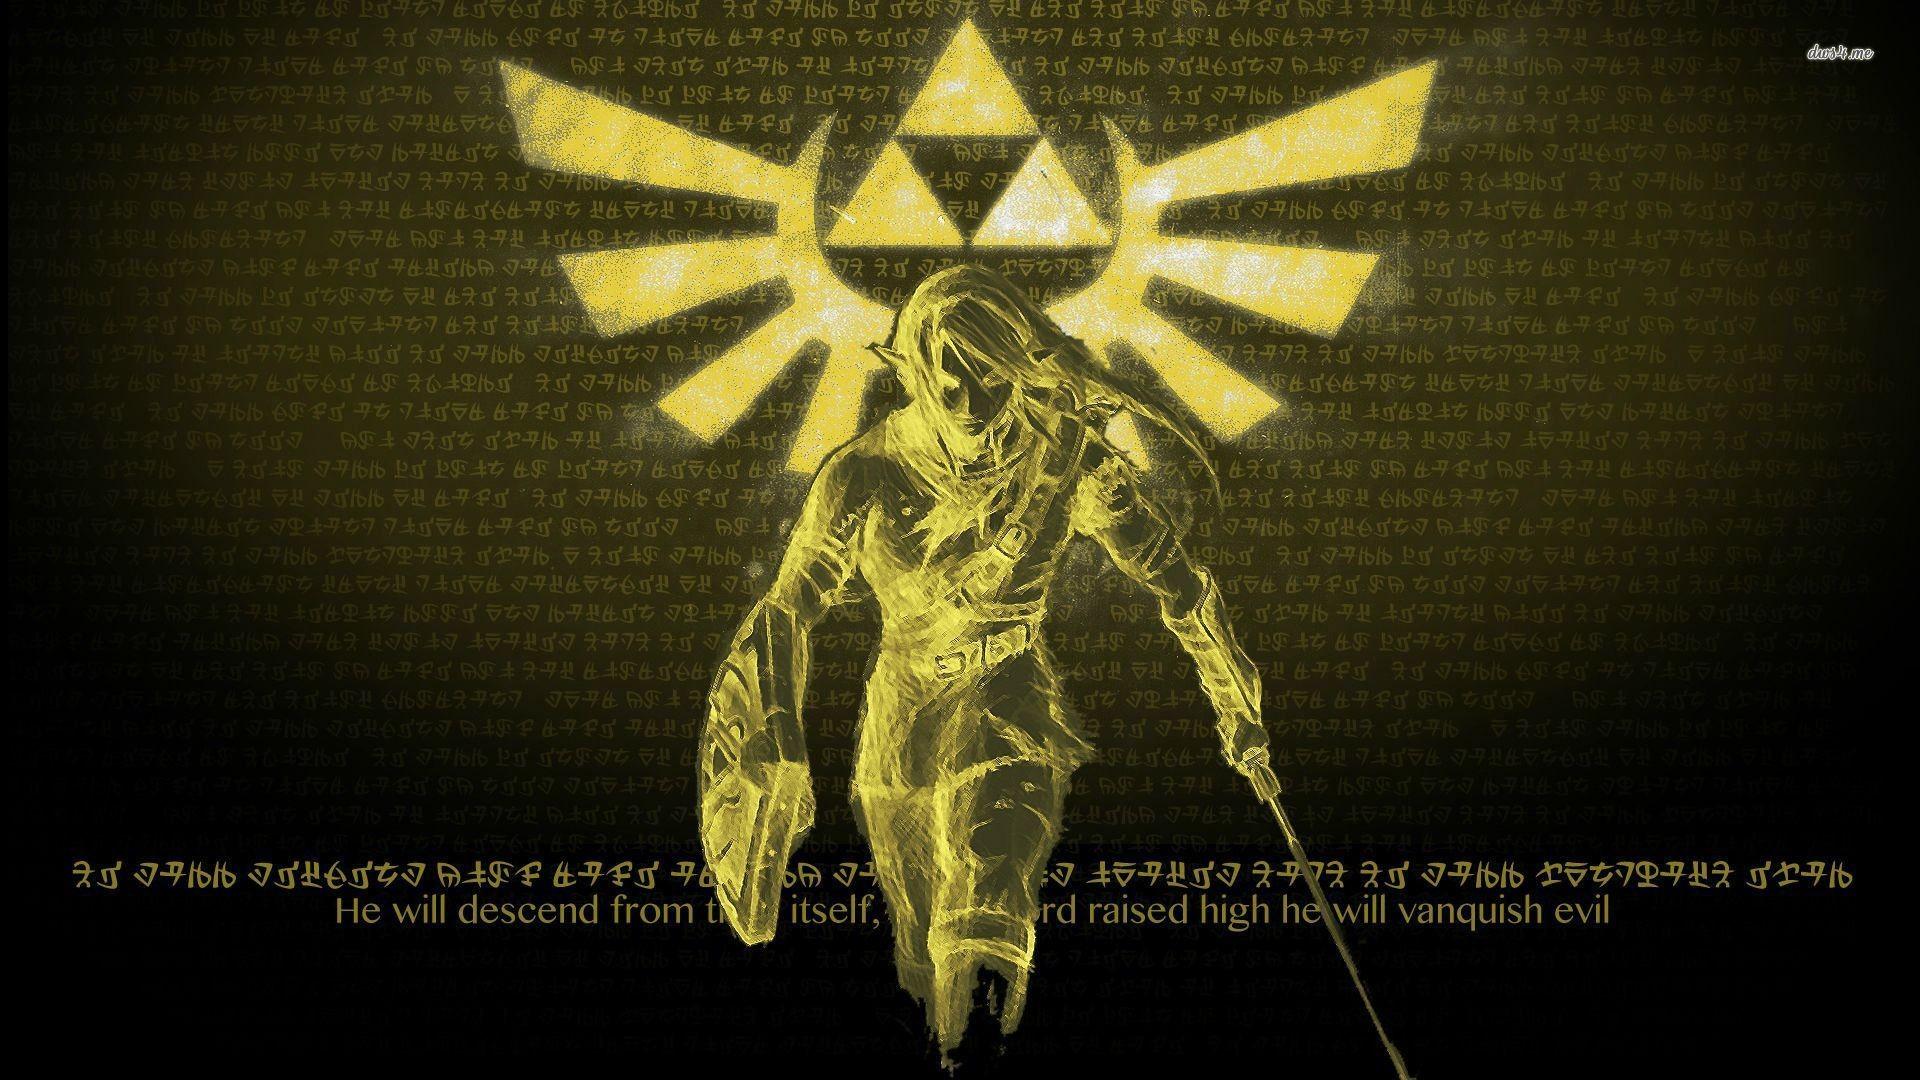 The Legend of Zelda wallpaper – Game wallpapers – #30427